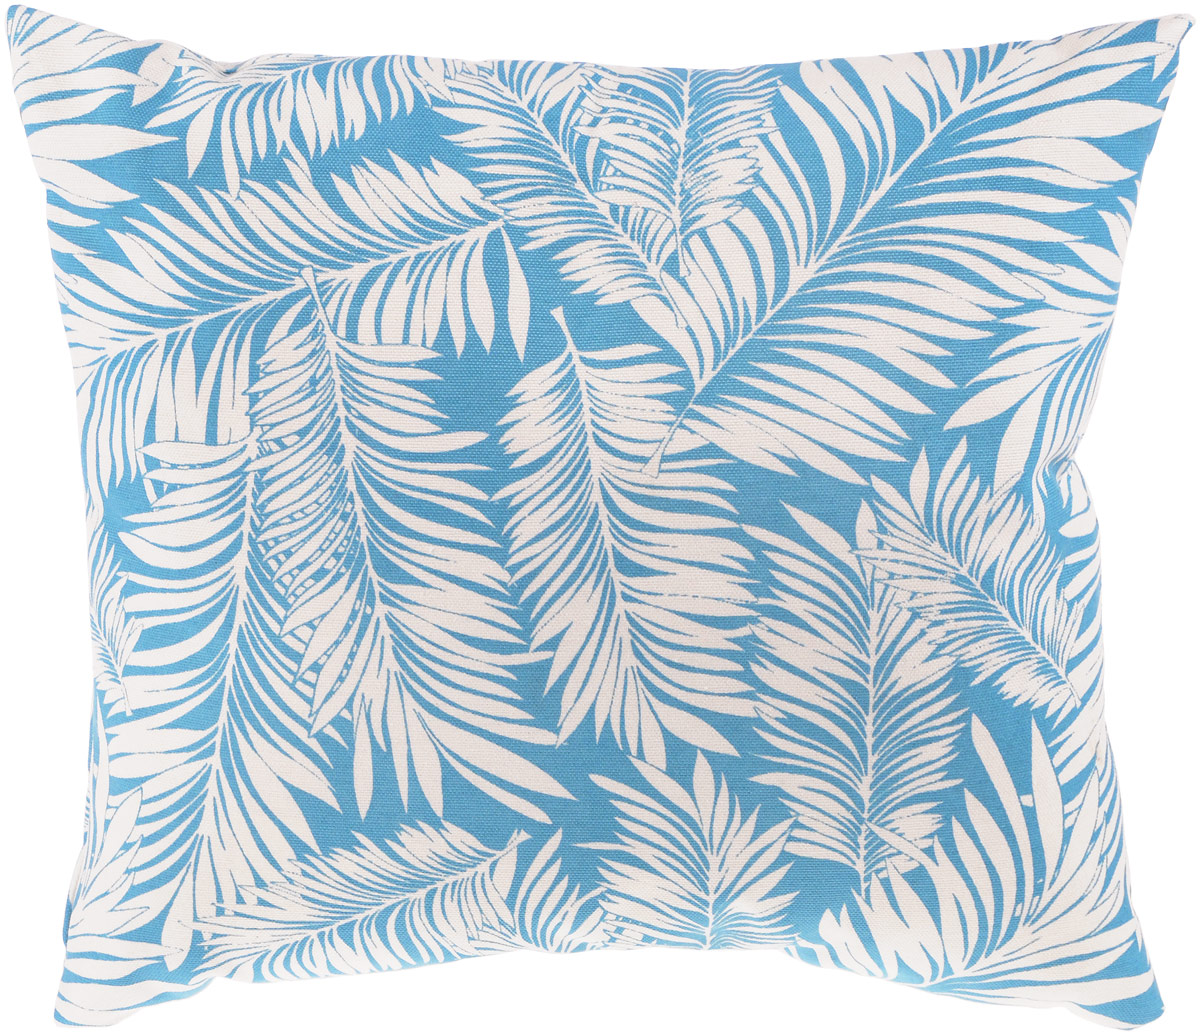 Подушка декоративная KauffOrt Лазурный берег, цвет: голубой, белый, 40 x 40 см197169Декоративная подушка Лазурный берег прекрасно дополнит интерьер спальни или гостиной. Очень нежный на ощупь чехол подушки выполнен из 75% хлопка и 25% полиэстера. Внутри находится мягкий наполнитель. Чехол легко снимается благодаря потайной молнии.Красивая подушка создаст атмосферу уюта и комфорта в спальне и станет прекрасным элементом декора.